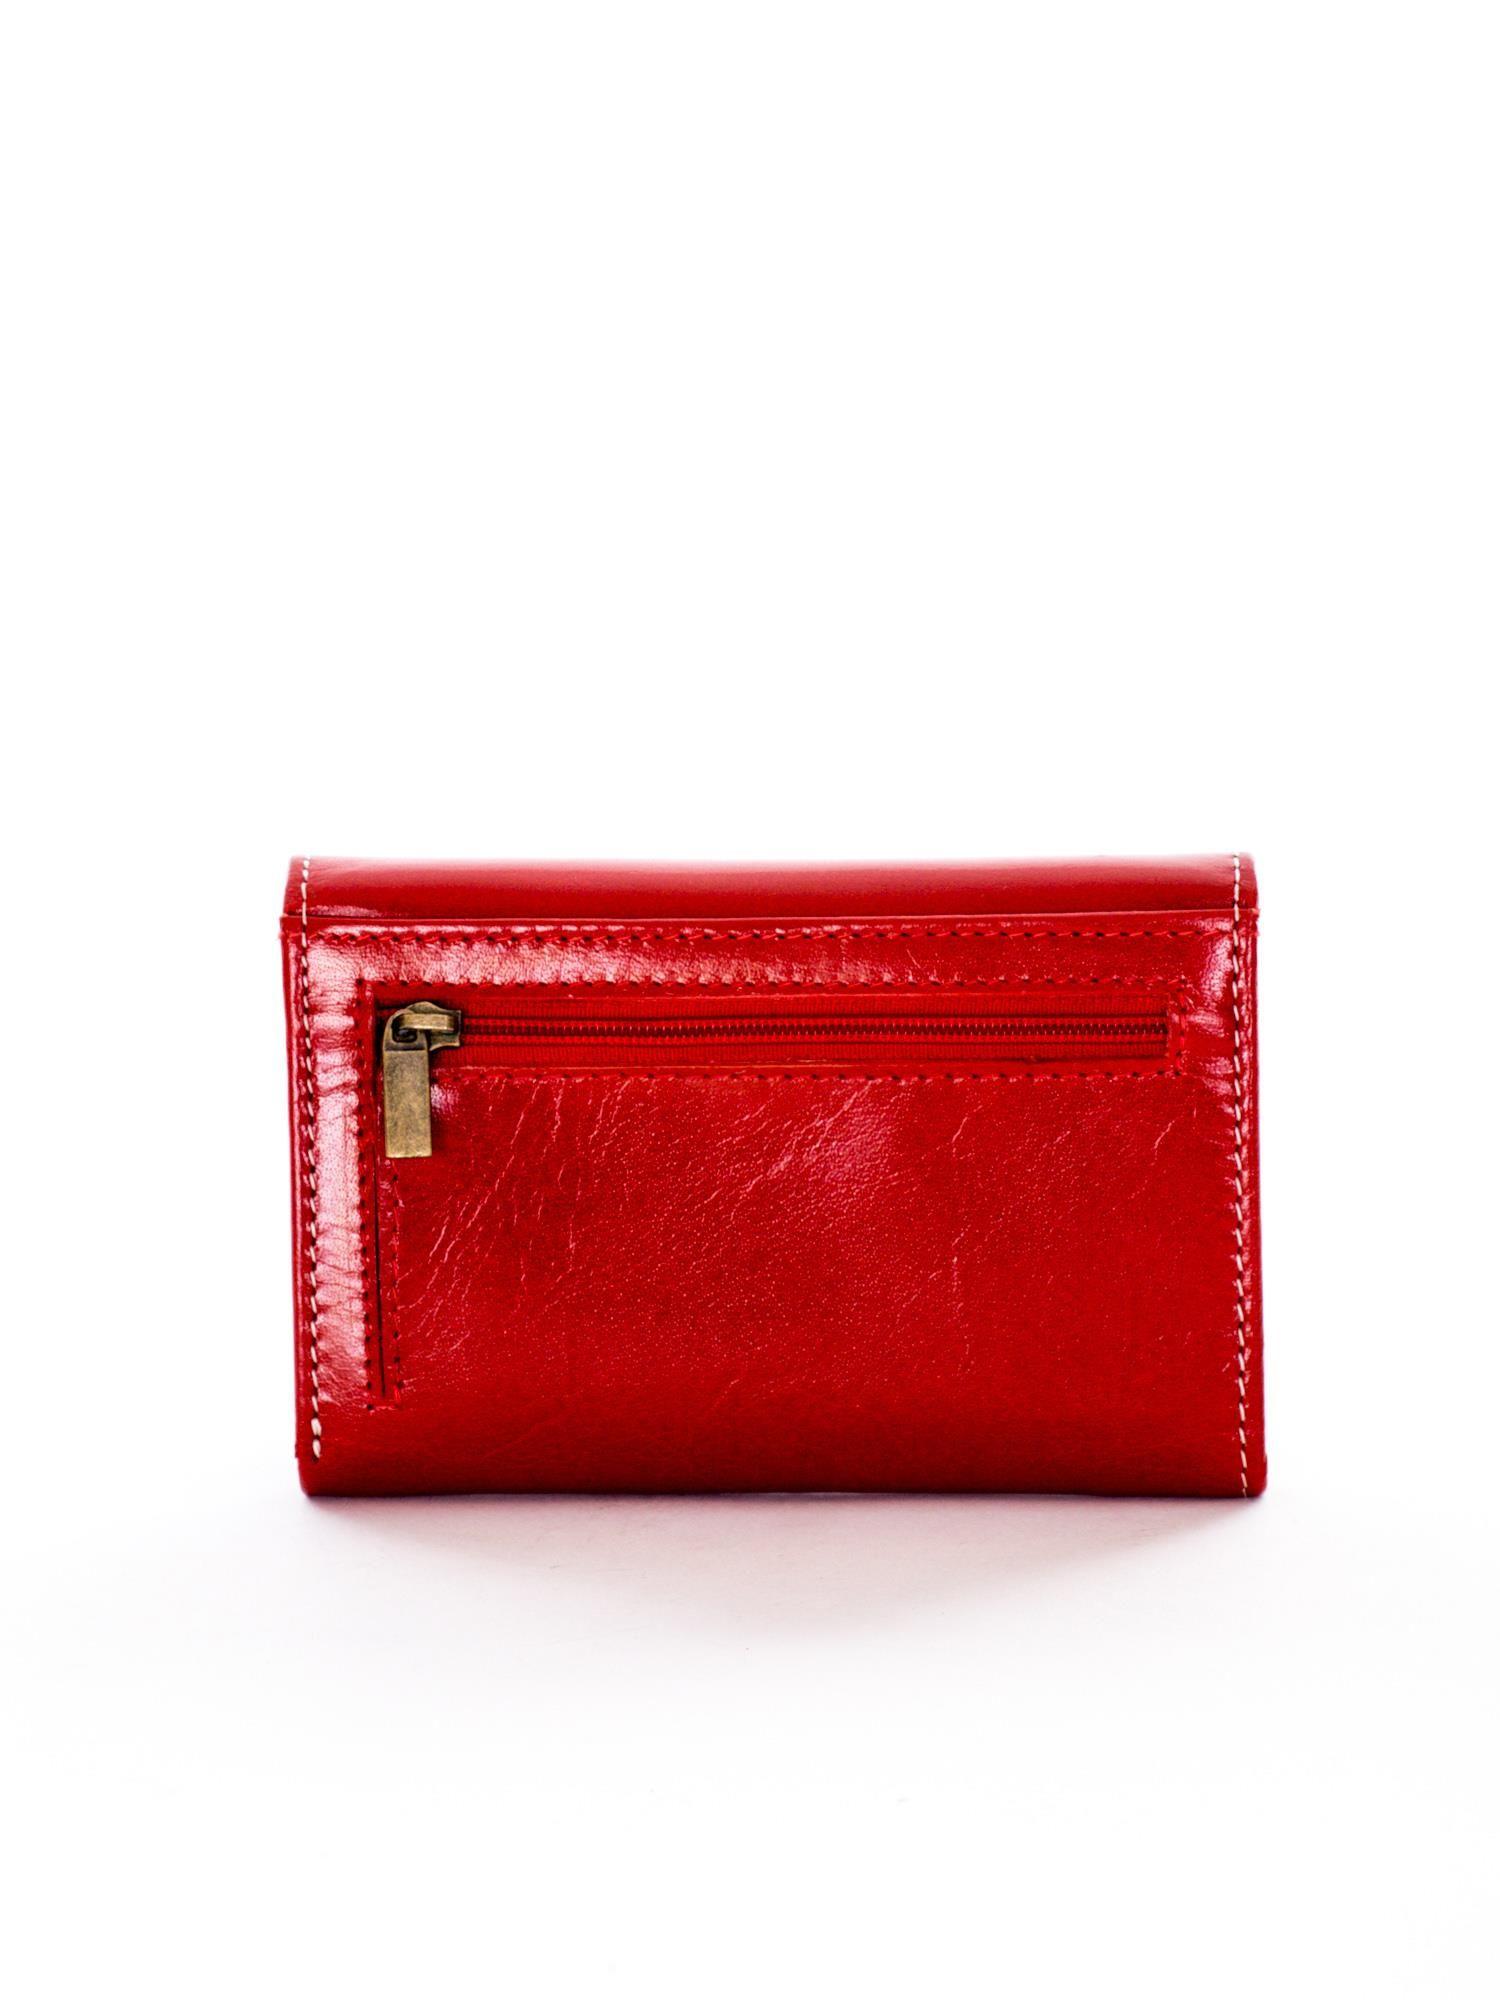 9b43308eefbd7 Czerwony portfel skórzany damski - Akcesoria portfele - sklep eButik.pl